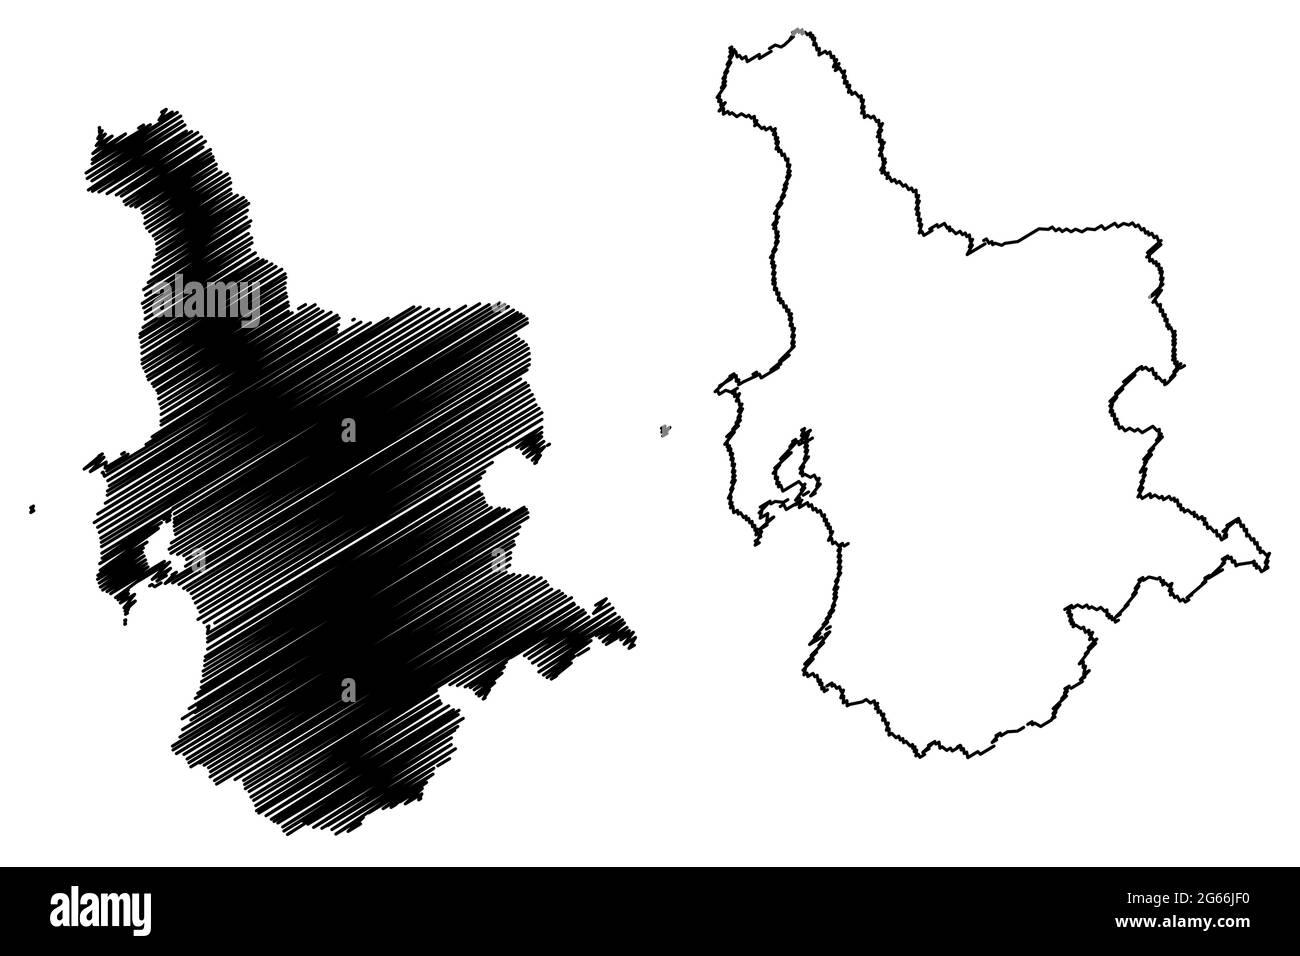 Provincia de Oristano (Italia, República Italiana, región de Cerdeña) mapa ilustración vectorial, scribble sketch Provincia de Oristano mapa Ilustración del Vector